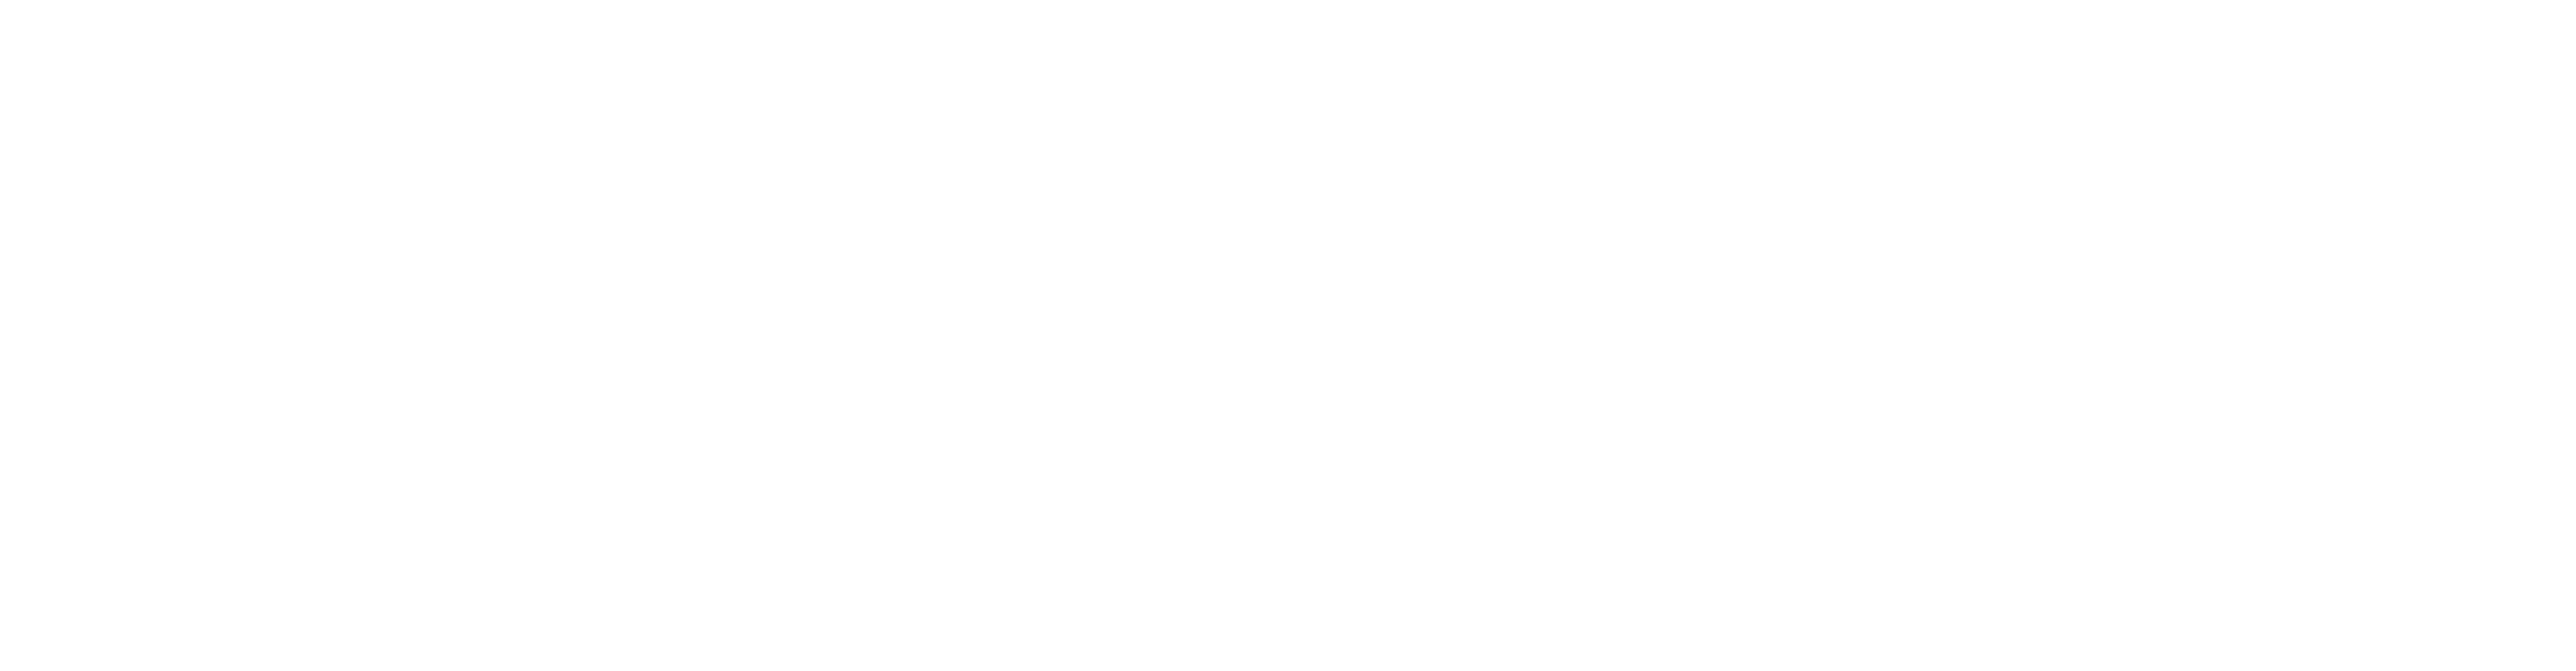 Bienvenido a La Nave Digital